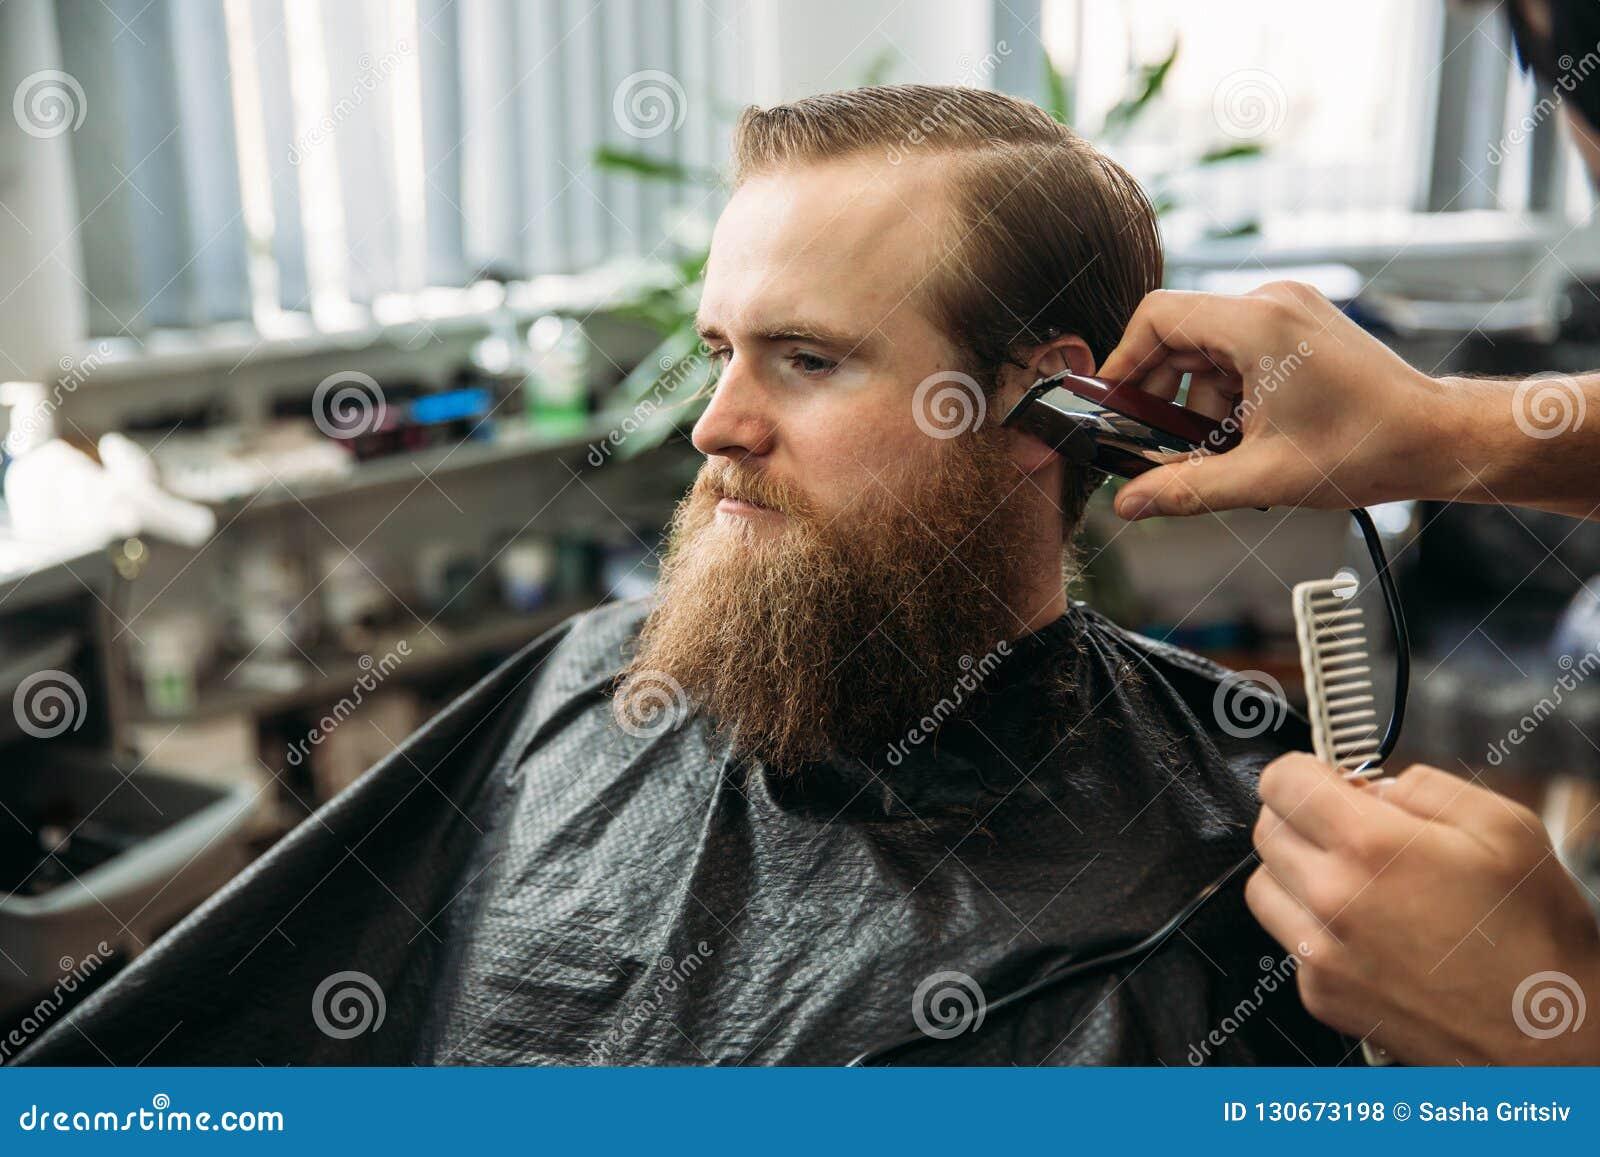 De meester snijdt haar en de baard van mensen in de herenkapper, kapper maakt kapsel voor een jonge mens